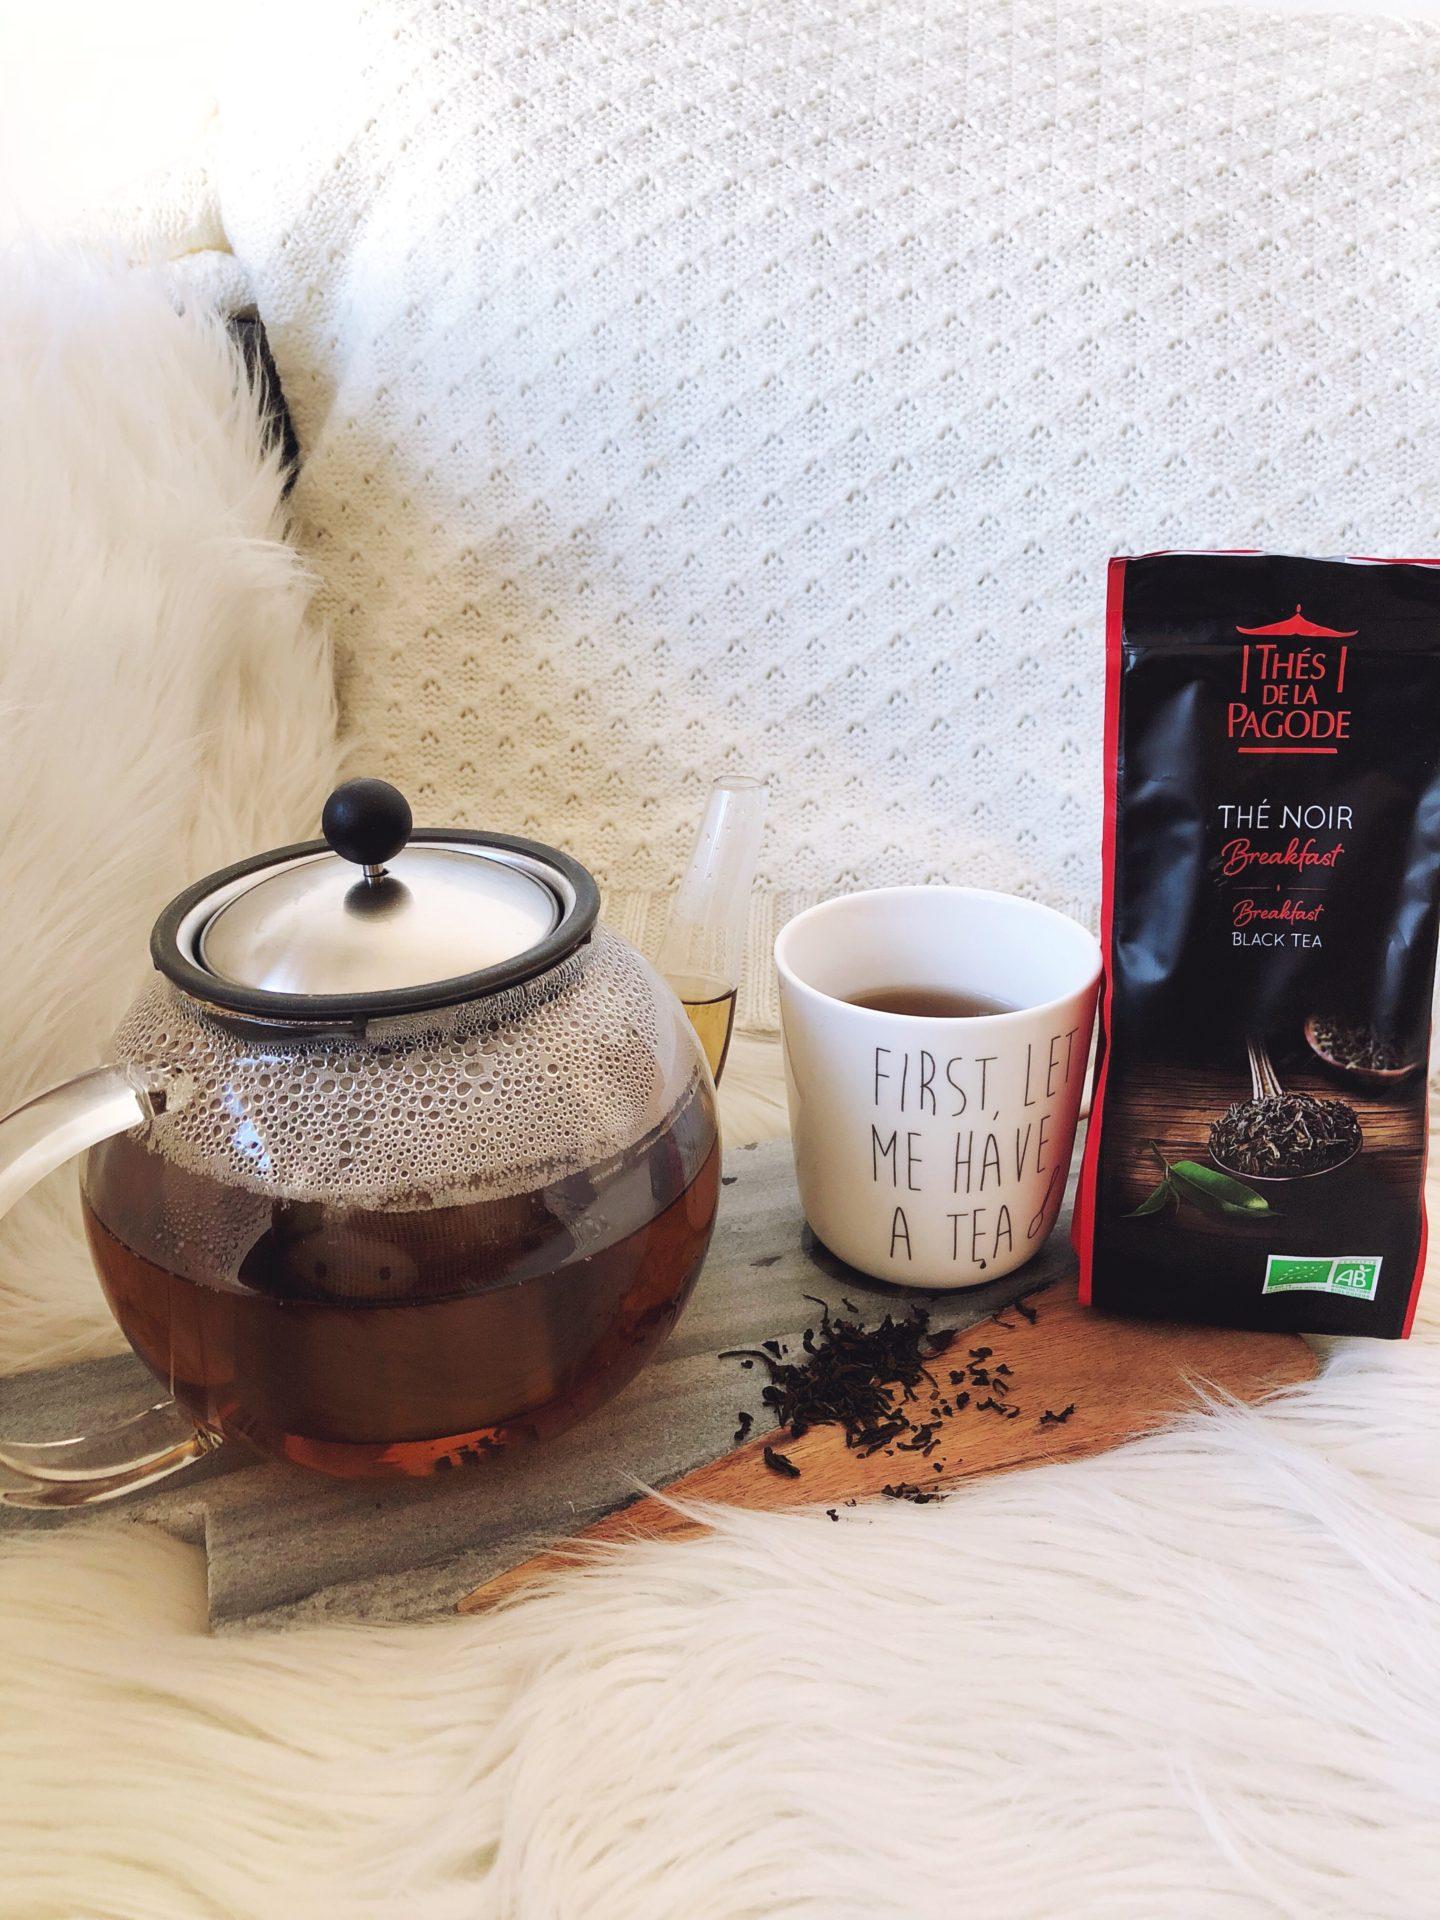 thé breakfast thés de la pagode